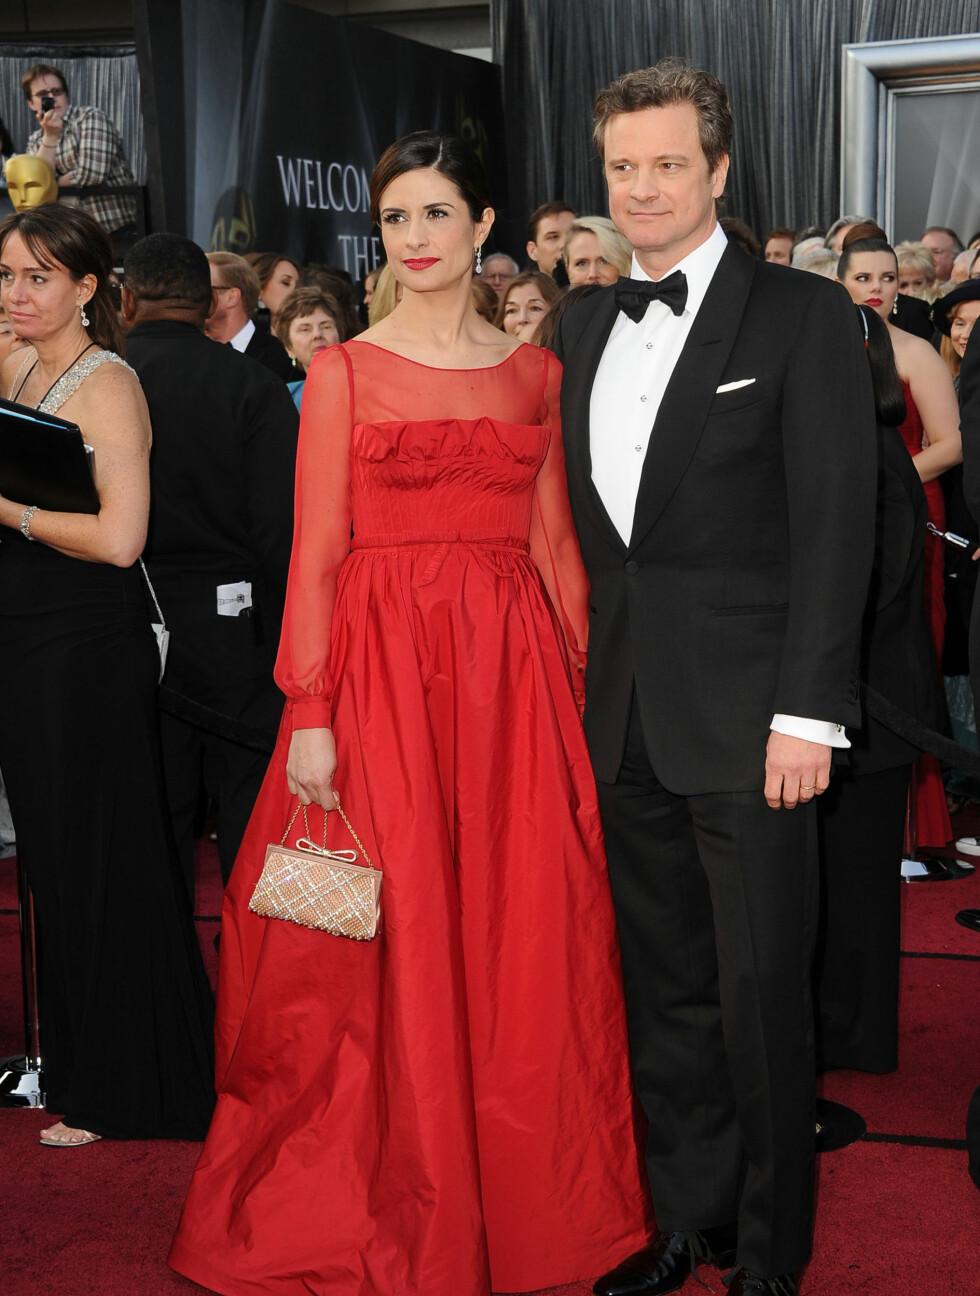 KLASSISK: Colin Firth valgte klassisk smoking, mens konen Livia Giuggioli valgte en rød kjole.  Foto: All Over Press